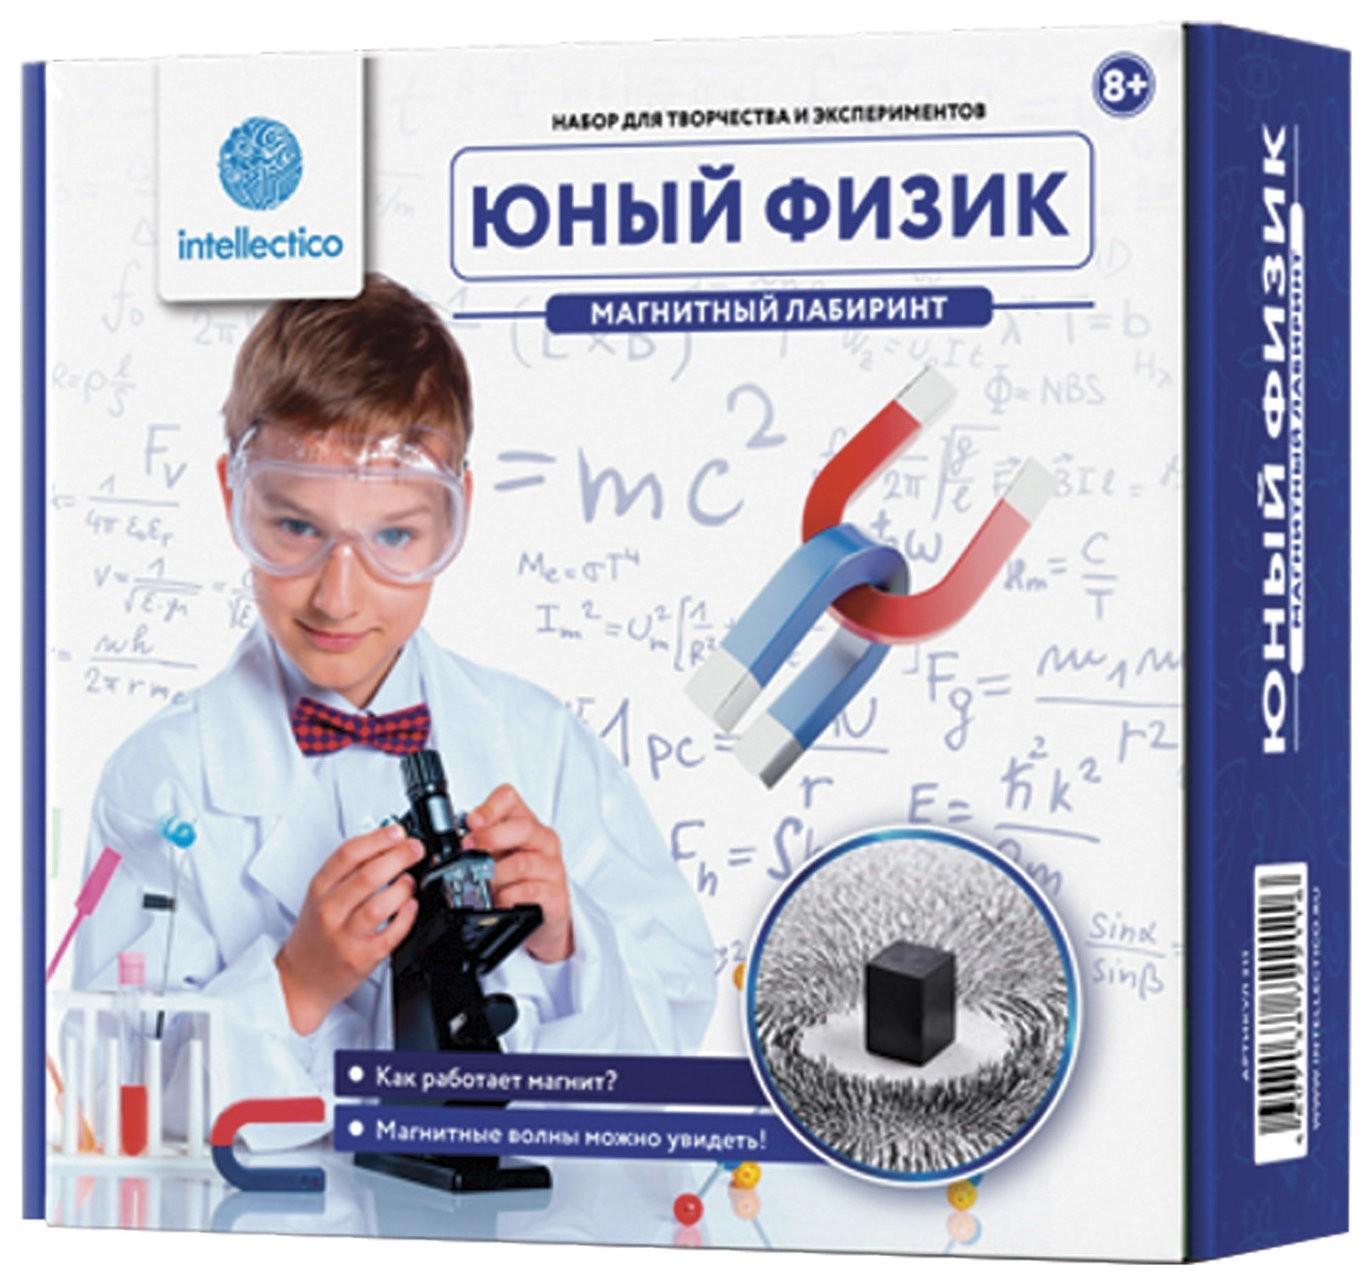 """Набор для экспериментов Юный физик """"Магнитный лабиринт""""  Intellectico"""